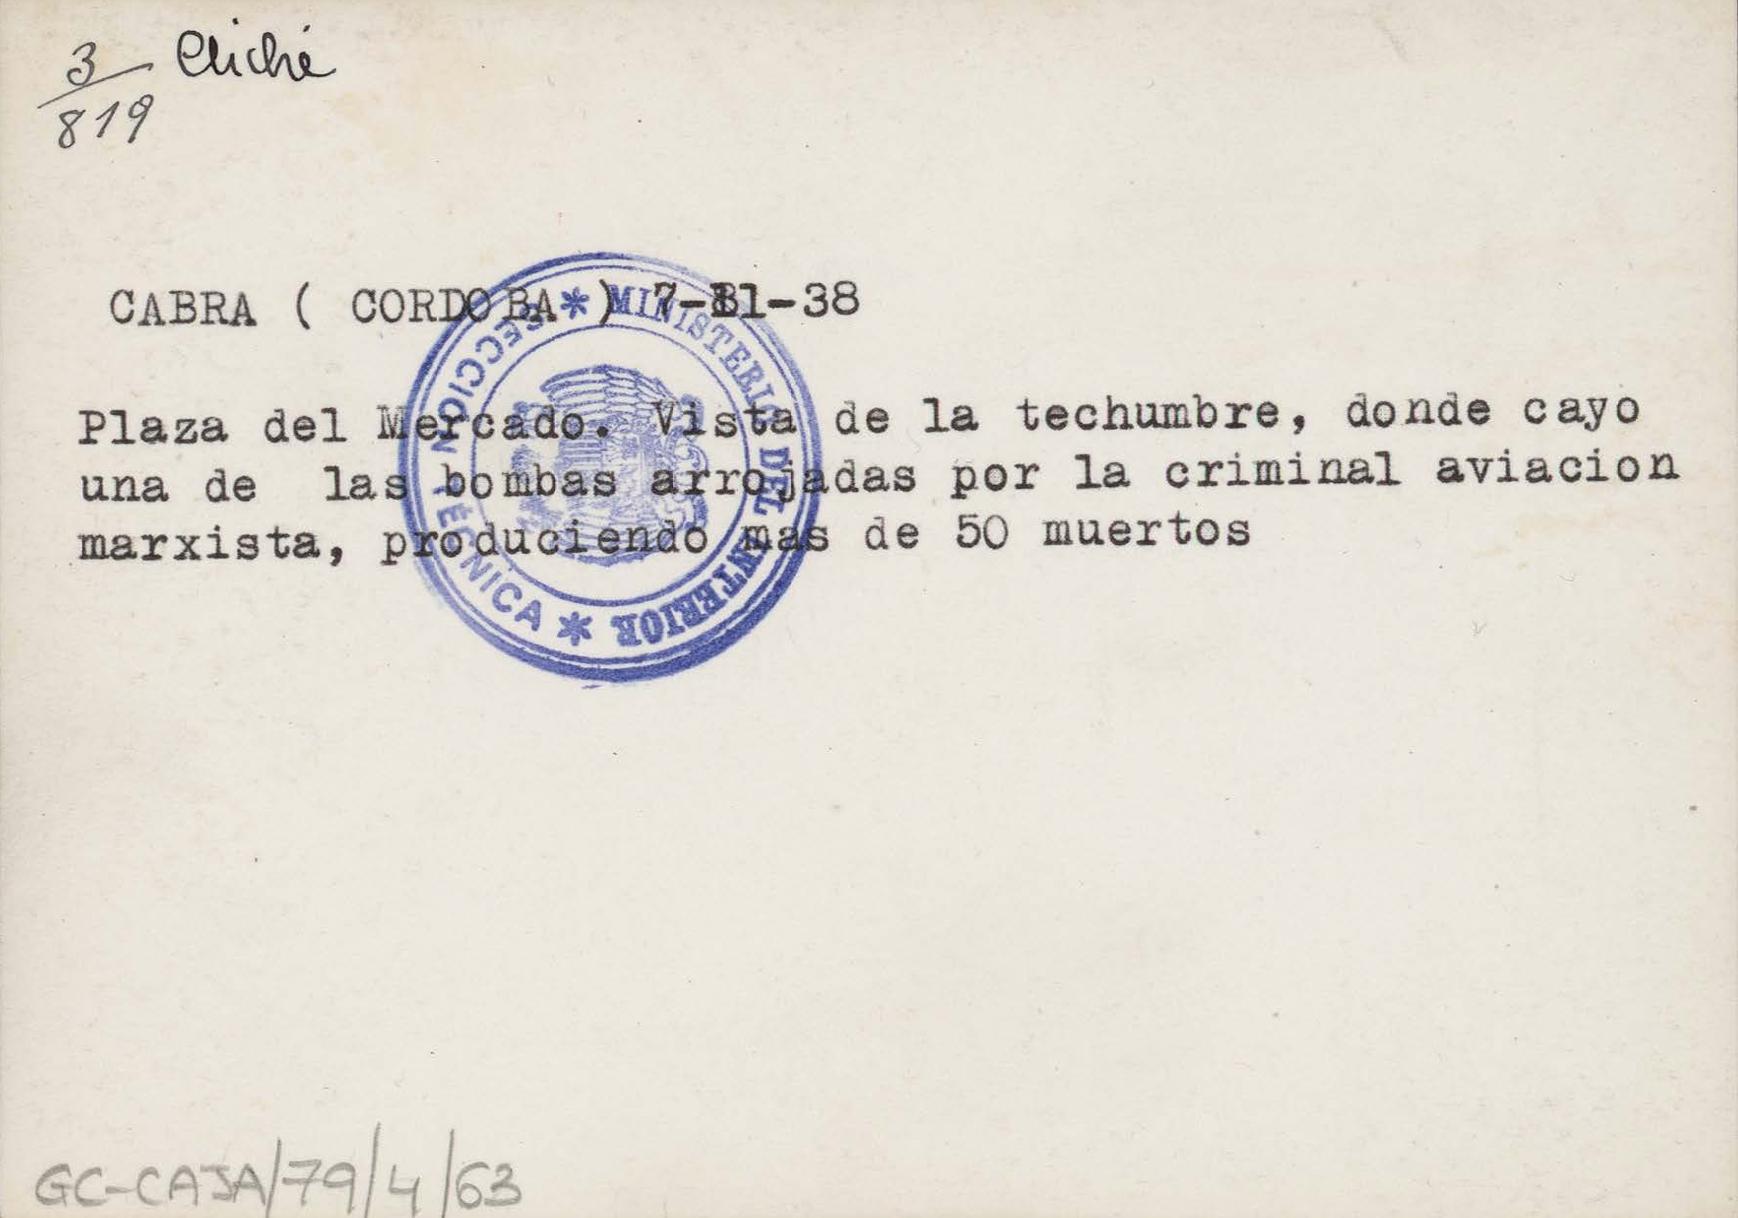 documentocabra.png